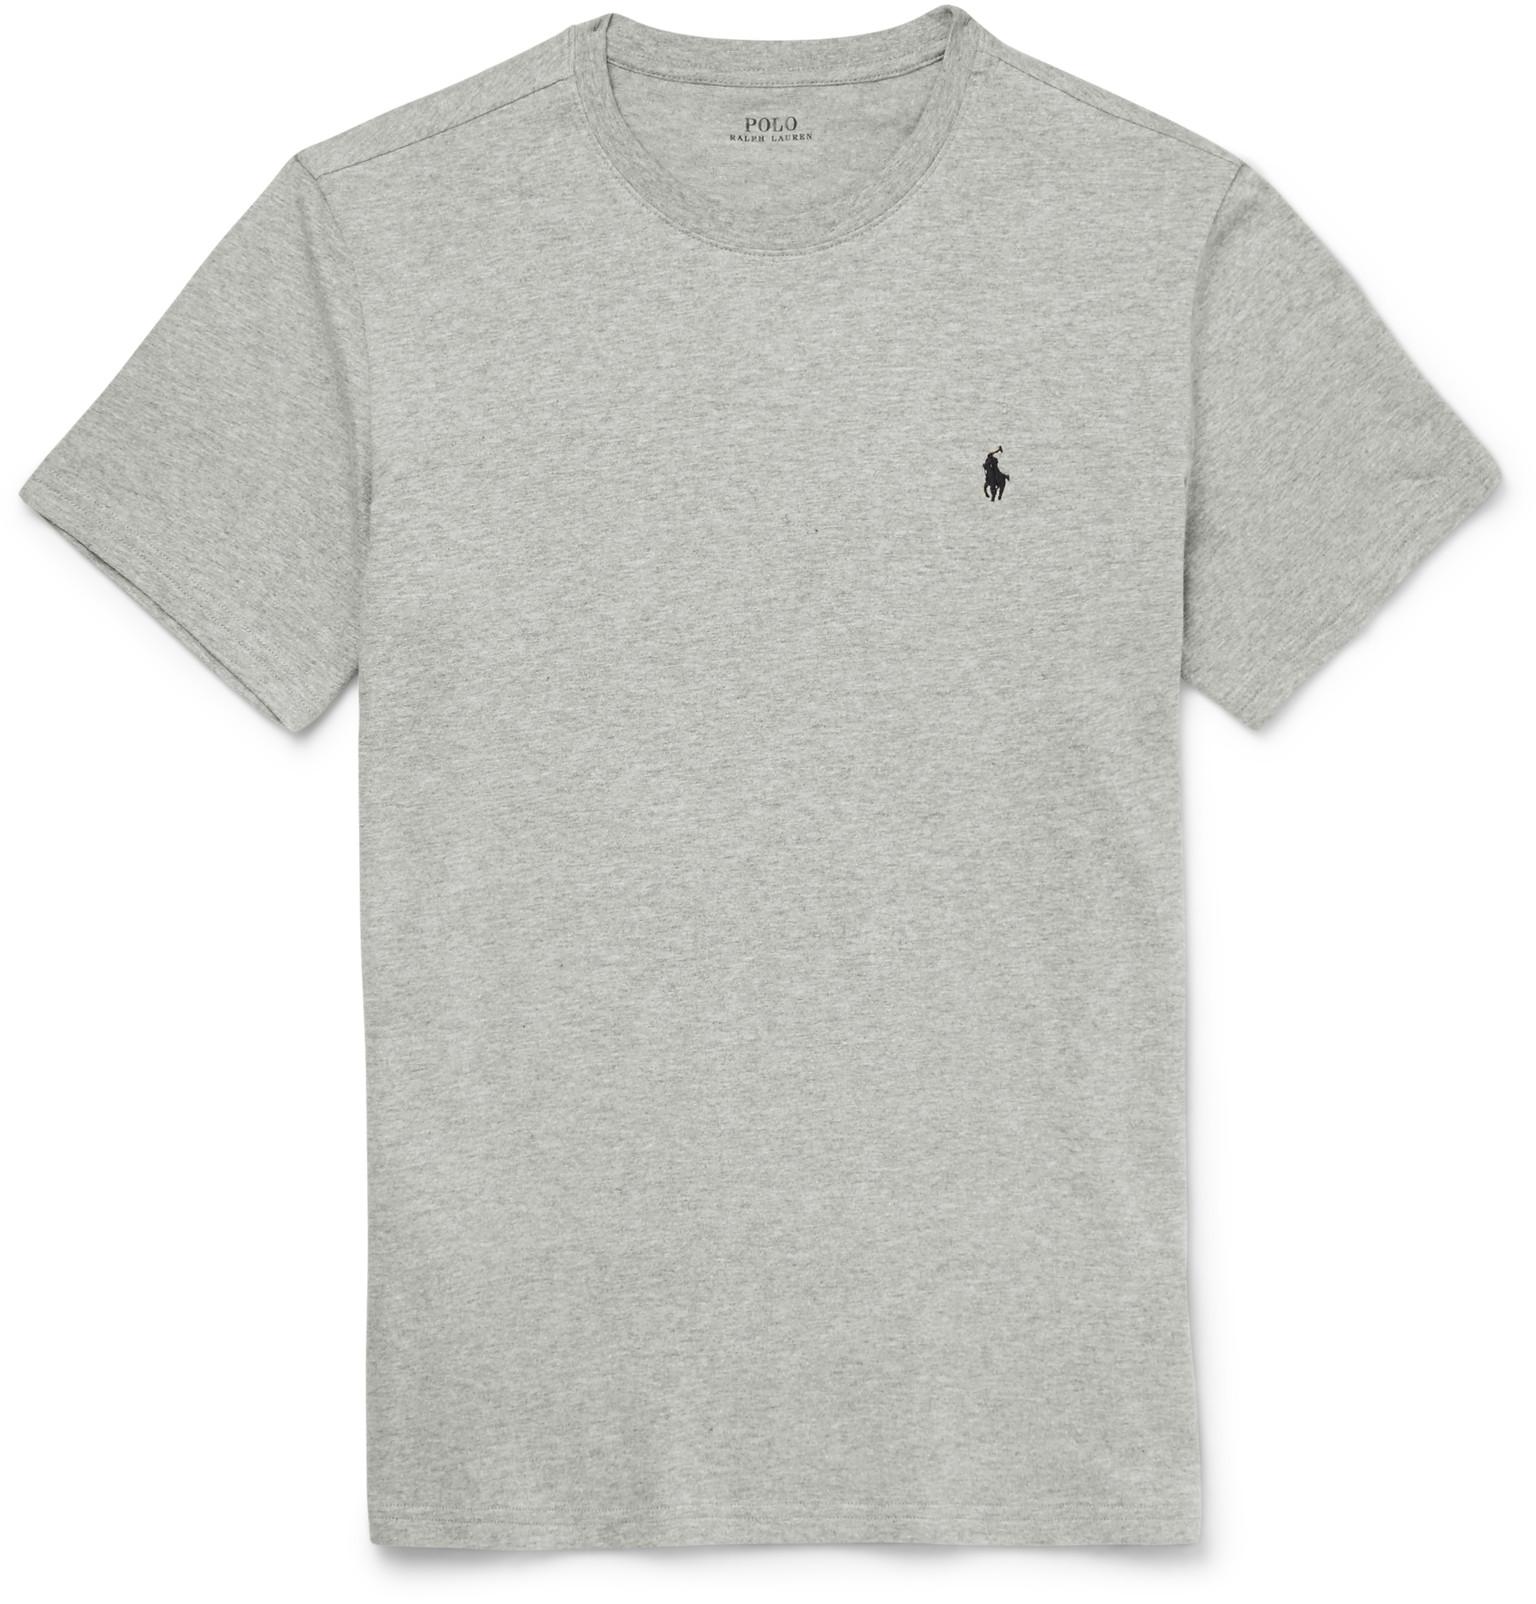 Slim Shirt Jersey Cotton Fit Lauren Ralph T Polo CdxtsQhr